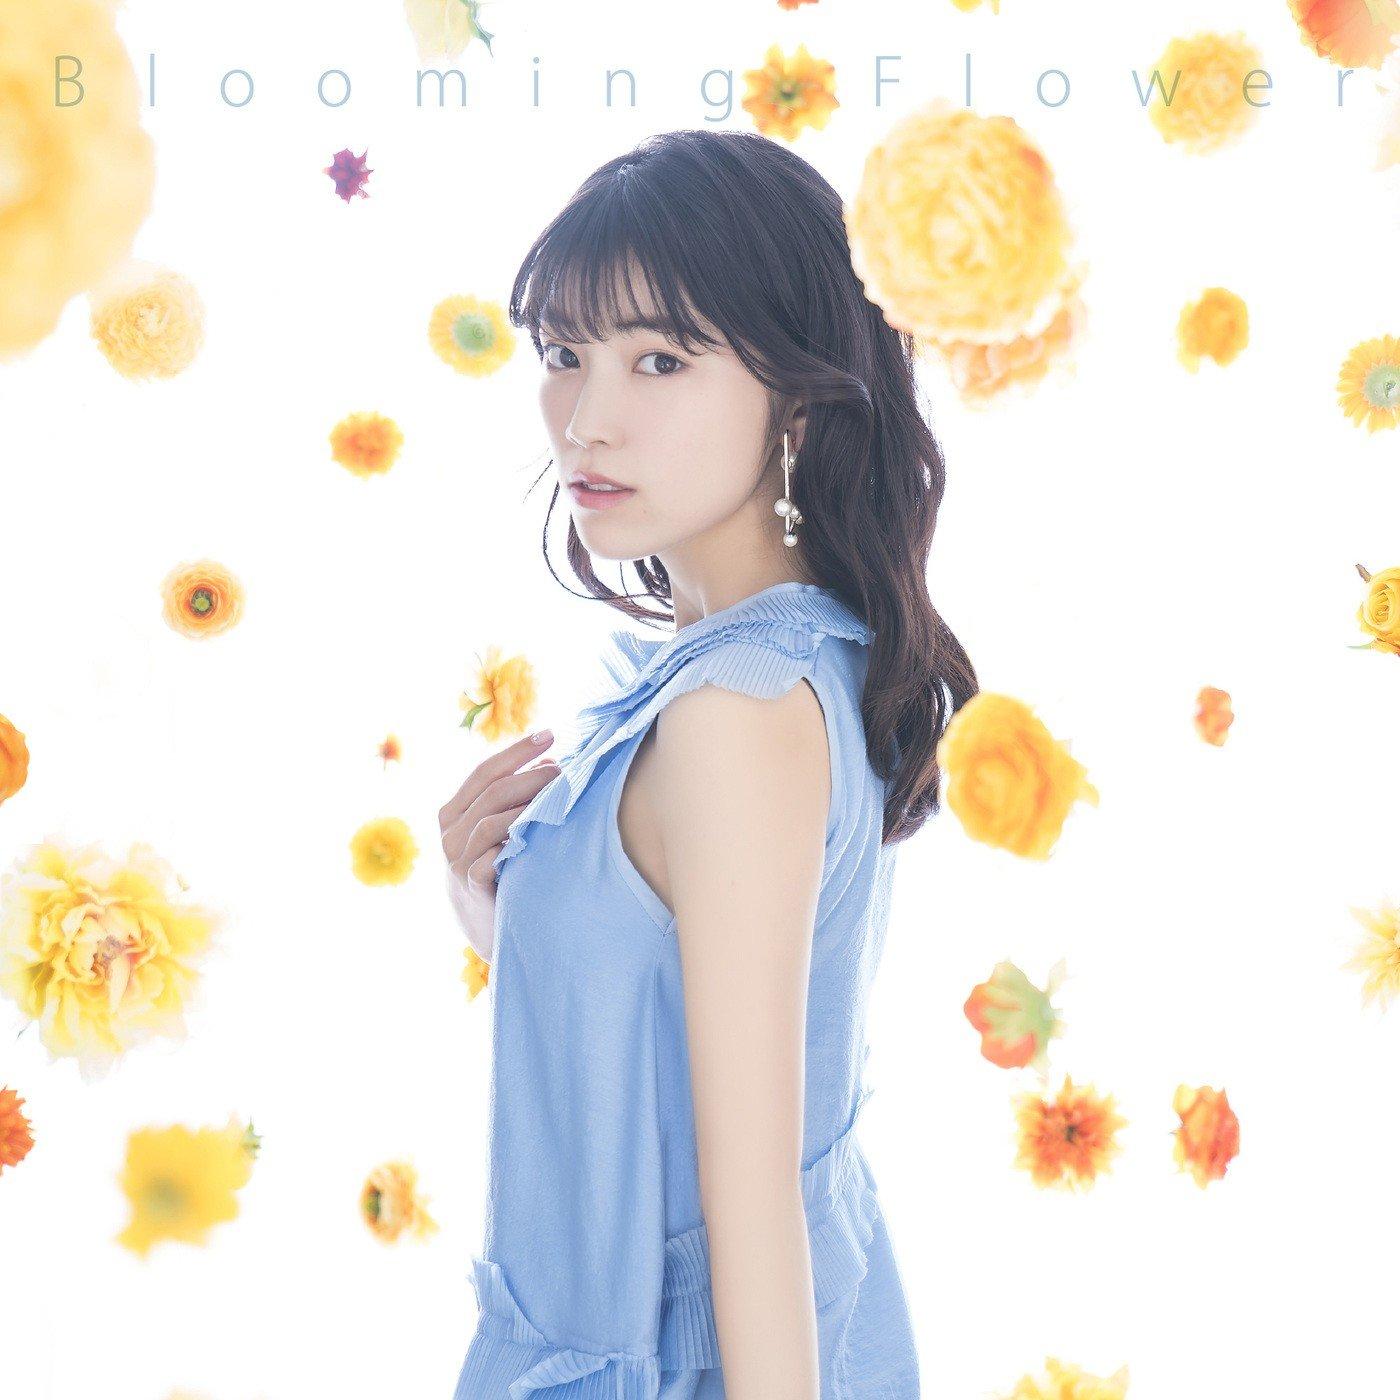 石原夏織 (Kaori Ishihara) – Blooming Flower [Mora FLAC 24bit/96kHz]